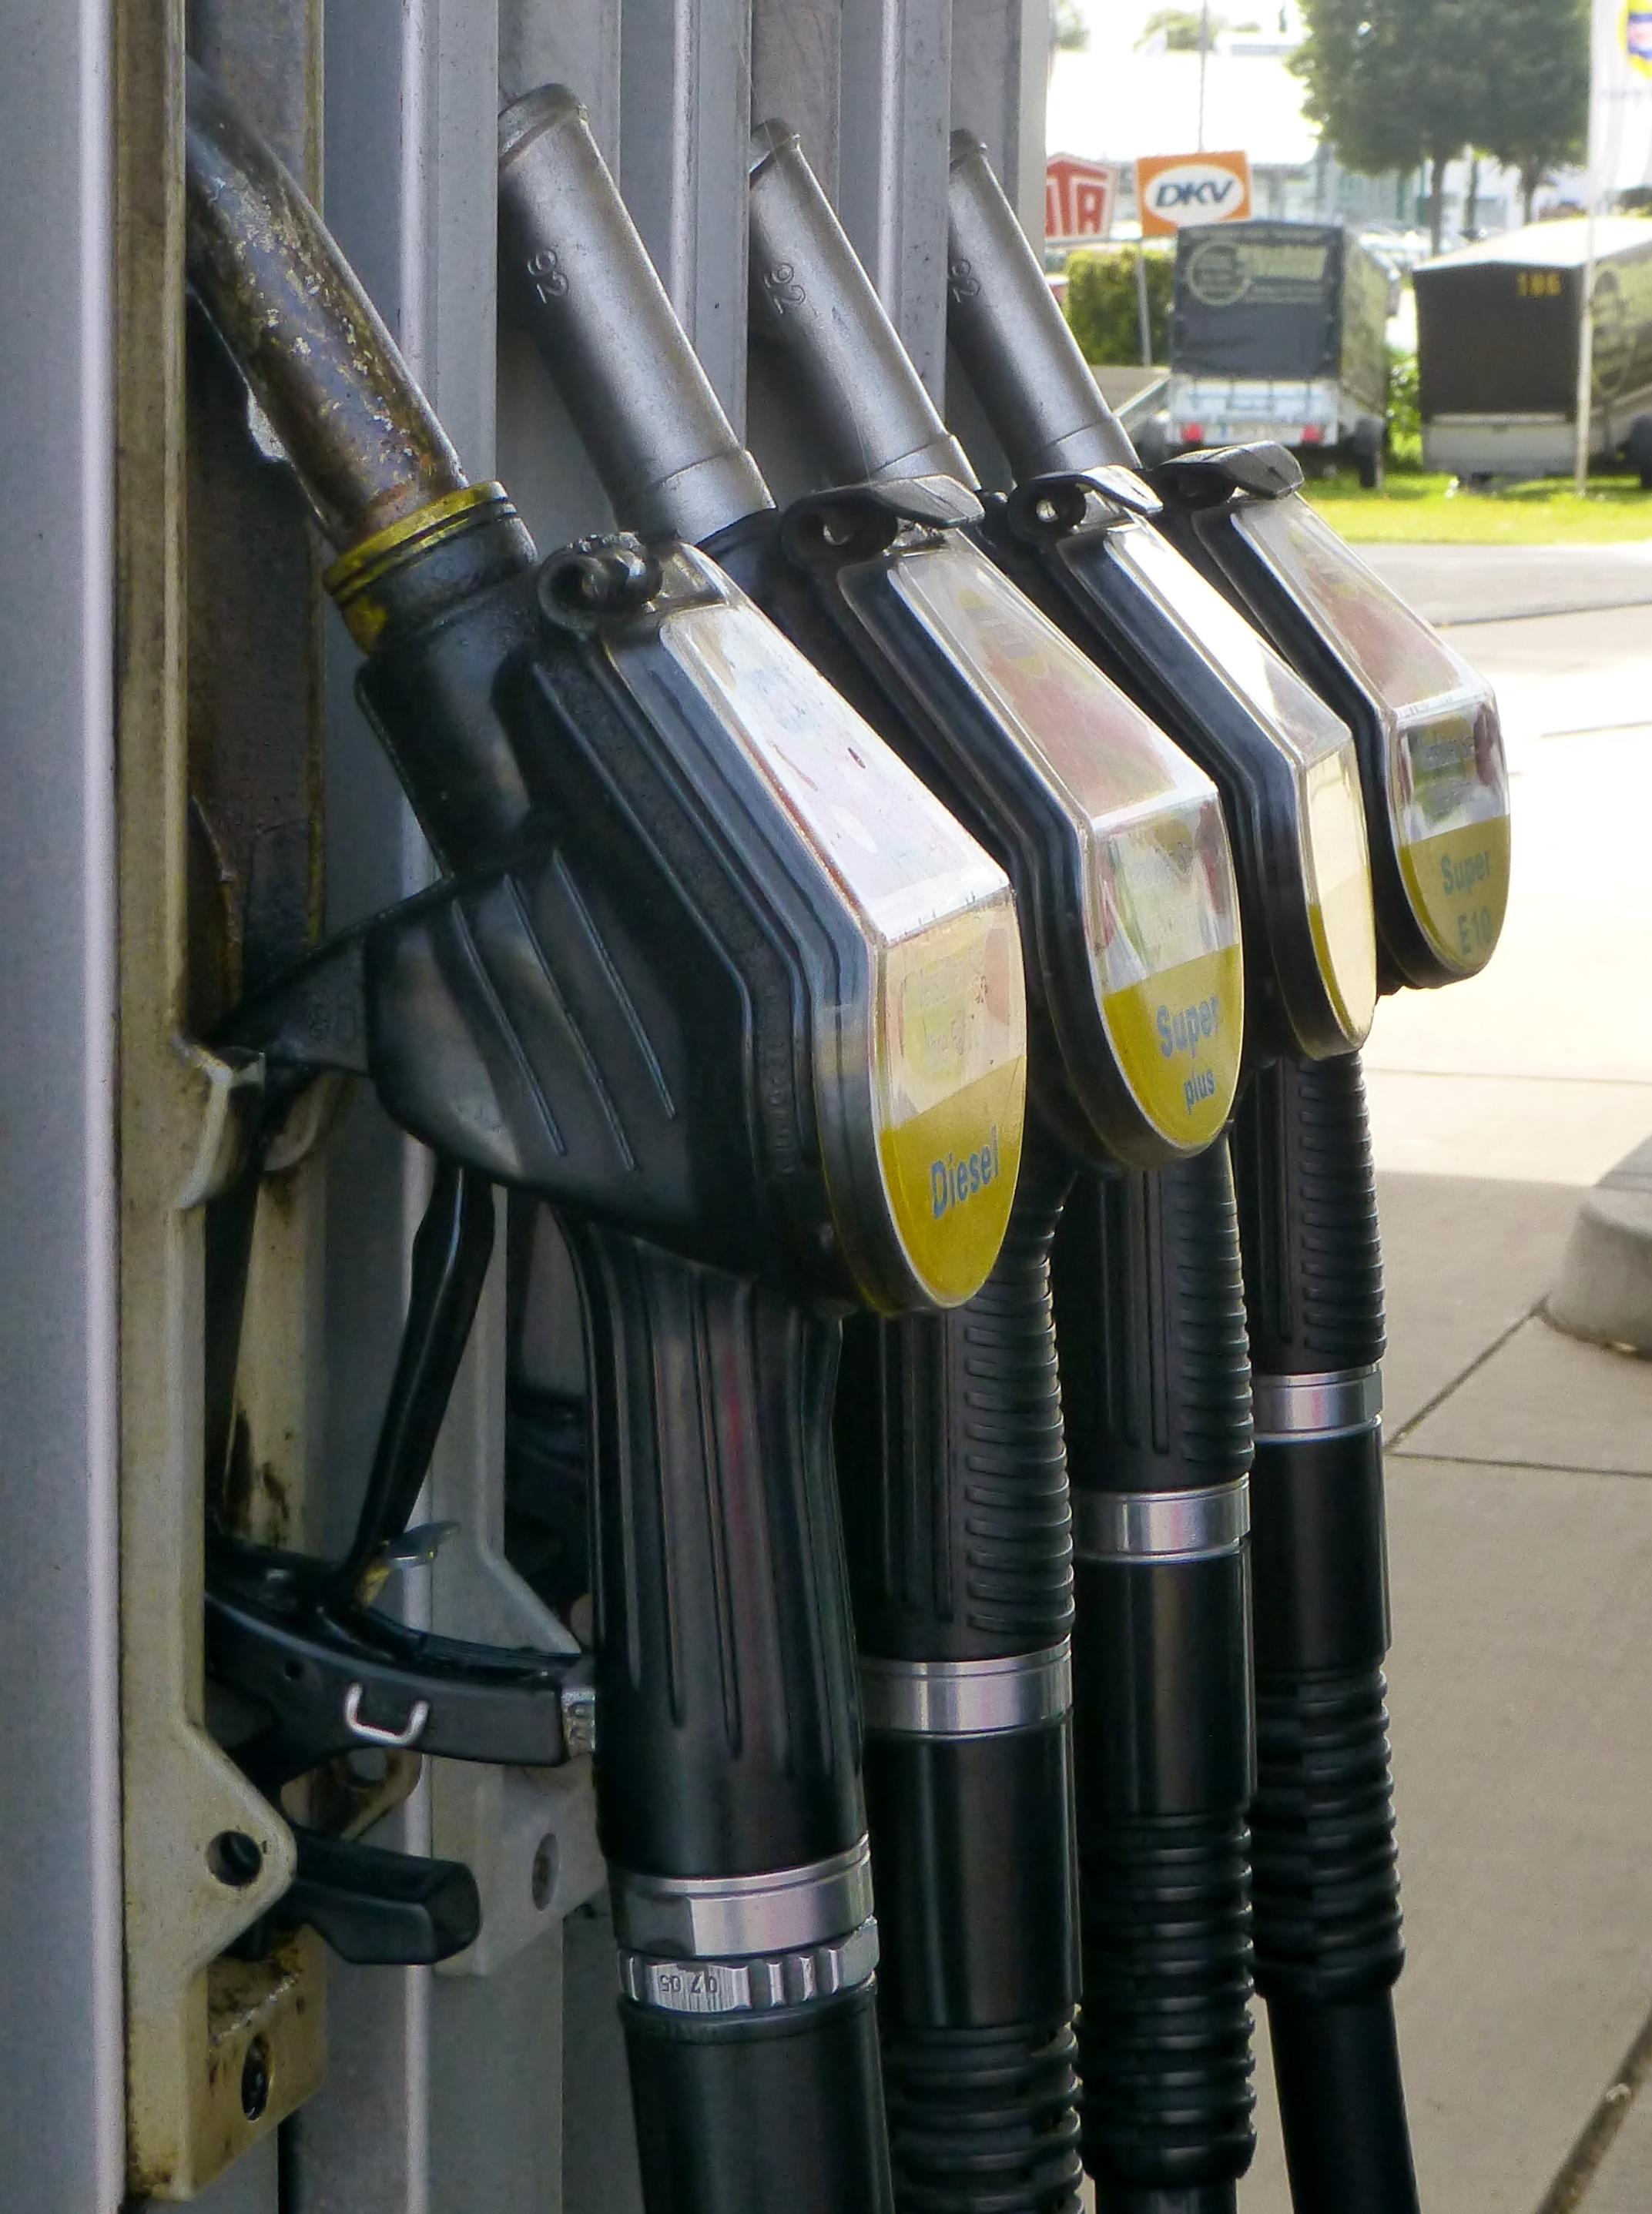 Free Images : vehicle, mast, machine, energy, gas pump, diesel, tank